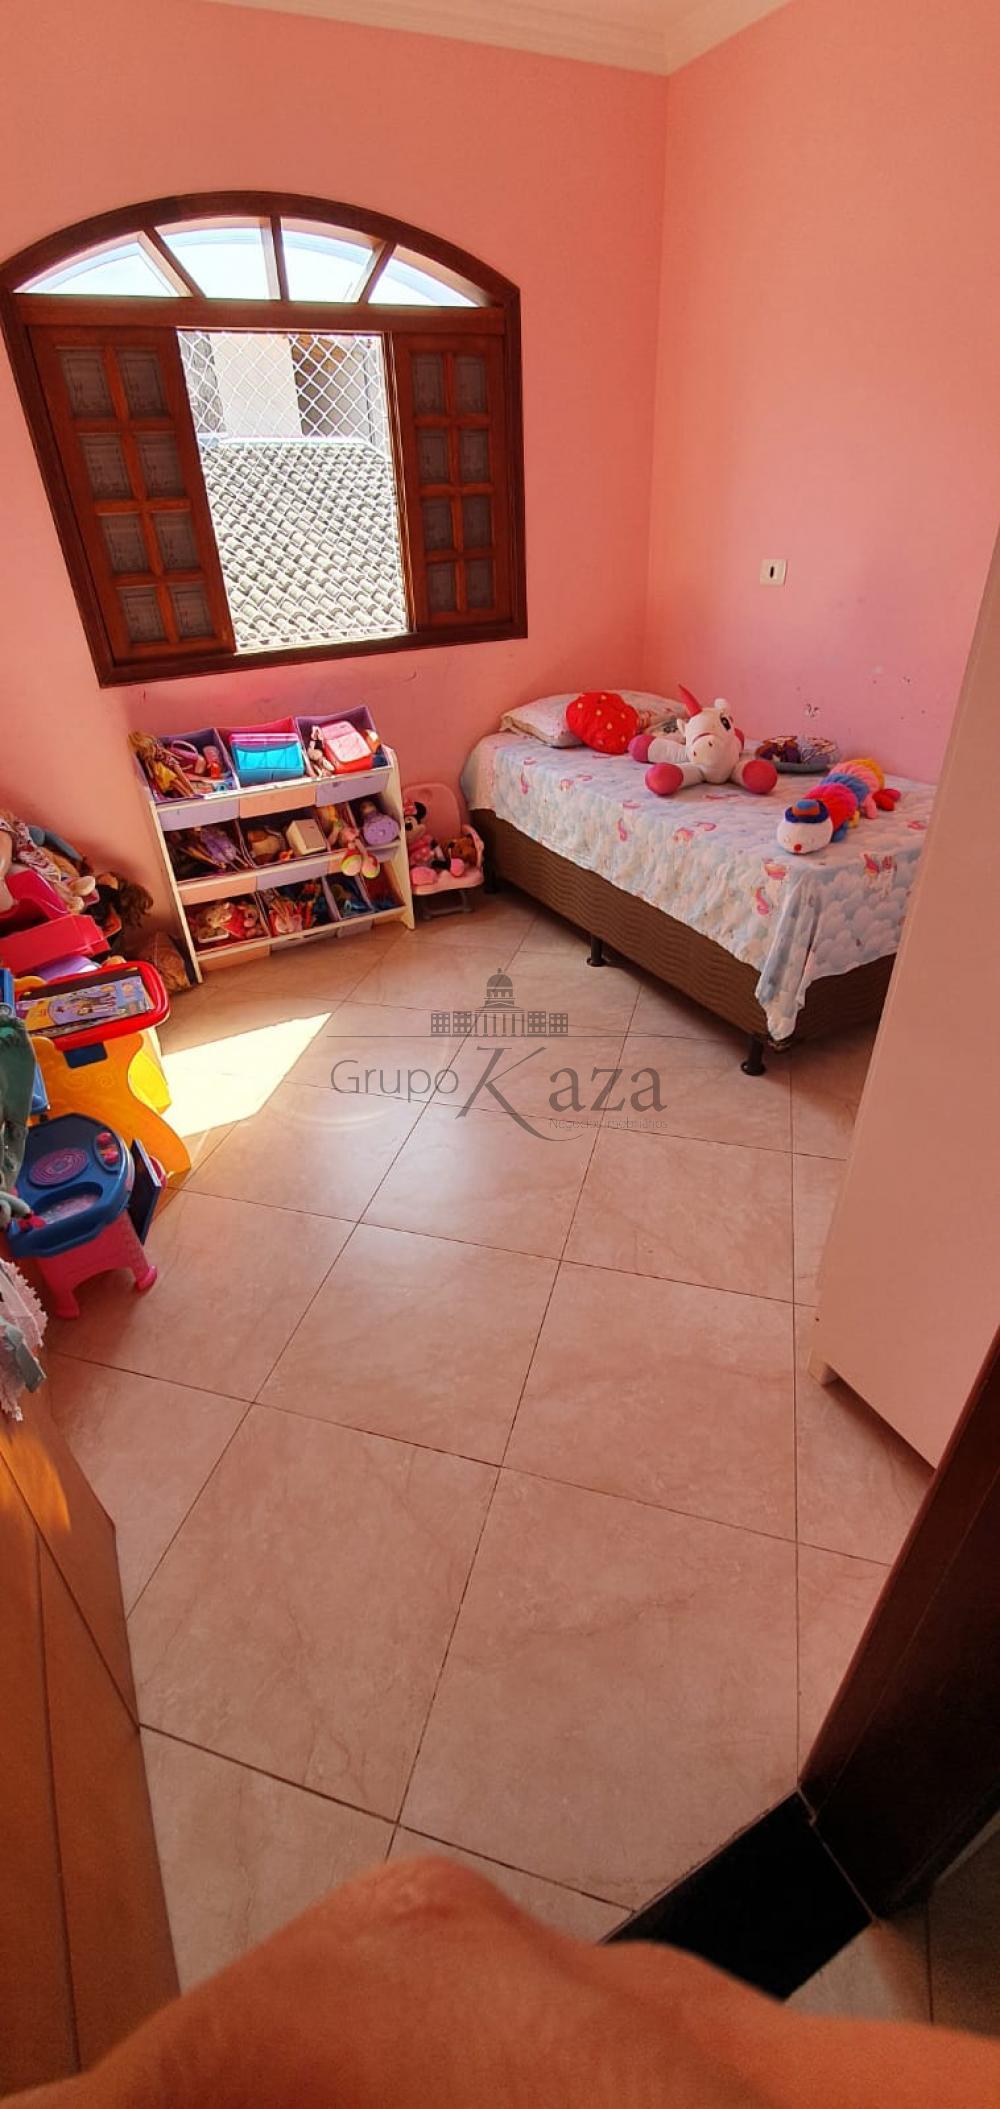 alt='Comprar Casa / Sobrado em São José dos Campos R$ 330.000,00 - Foto 7' title='Comprar Casa / Sobrado em São José dos Campos R$ 330.000,00 - Foto 7'